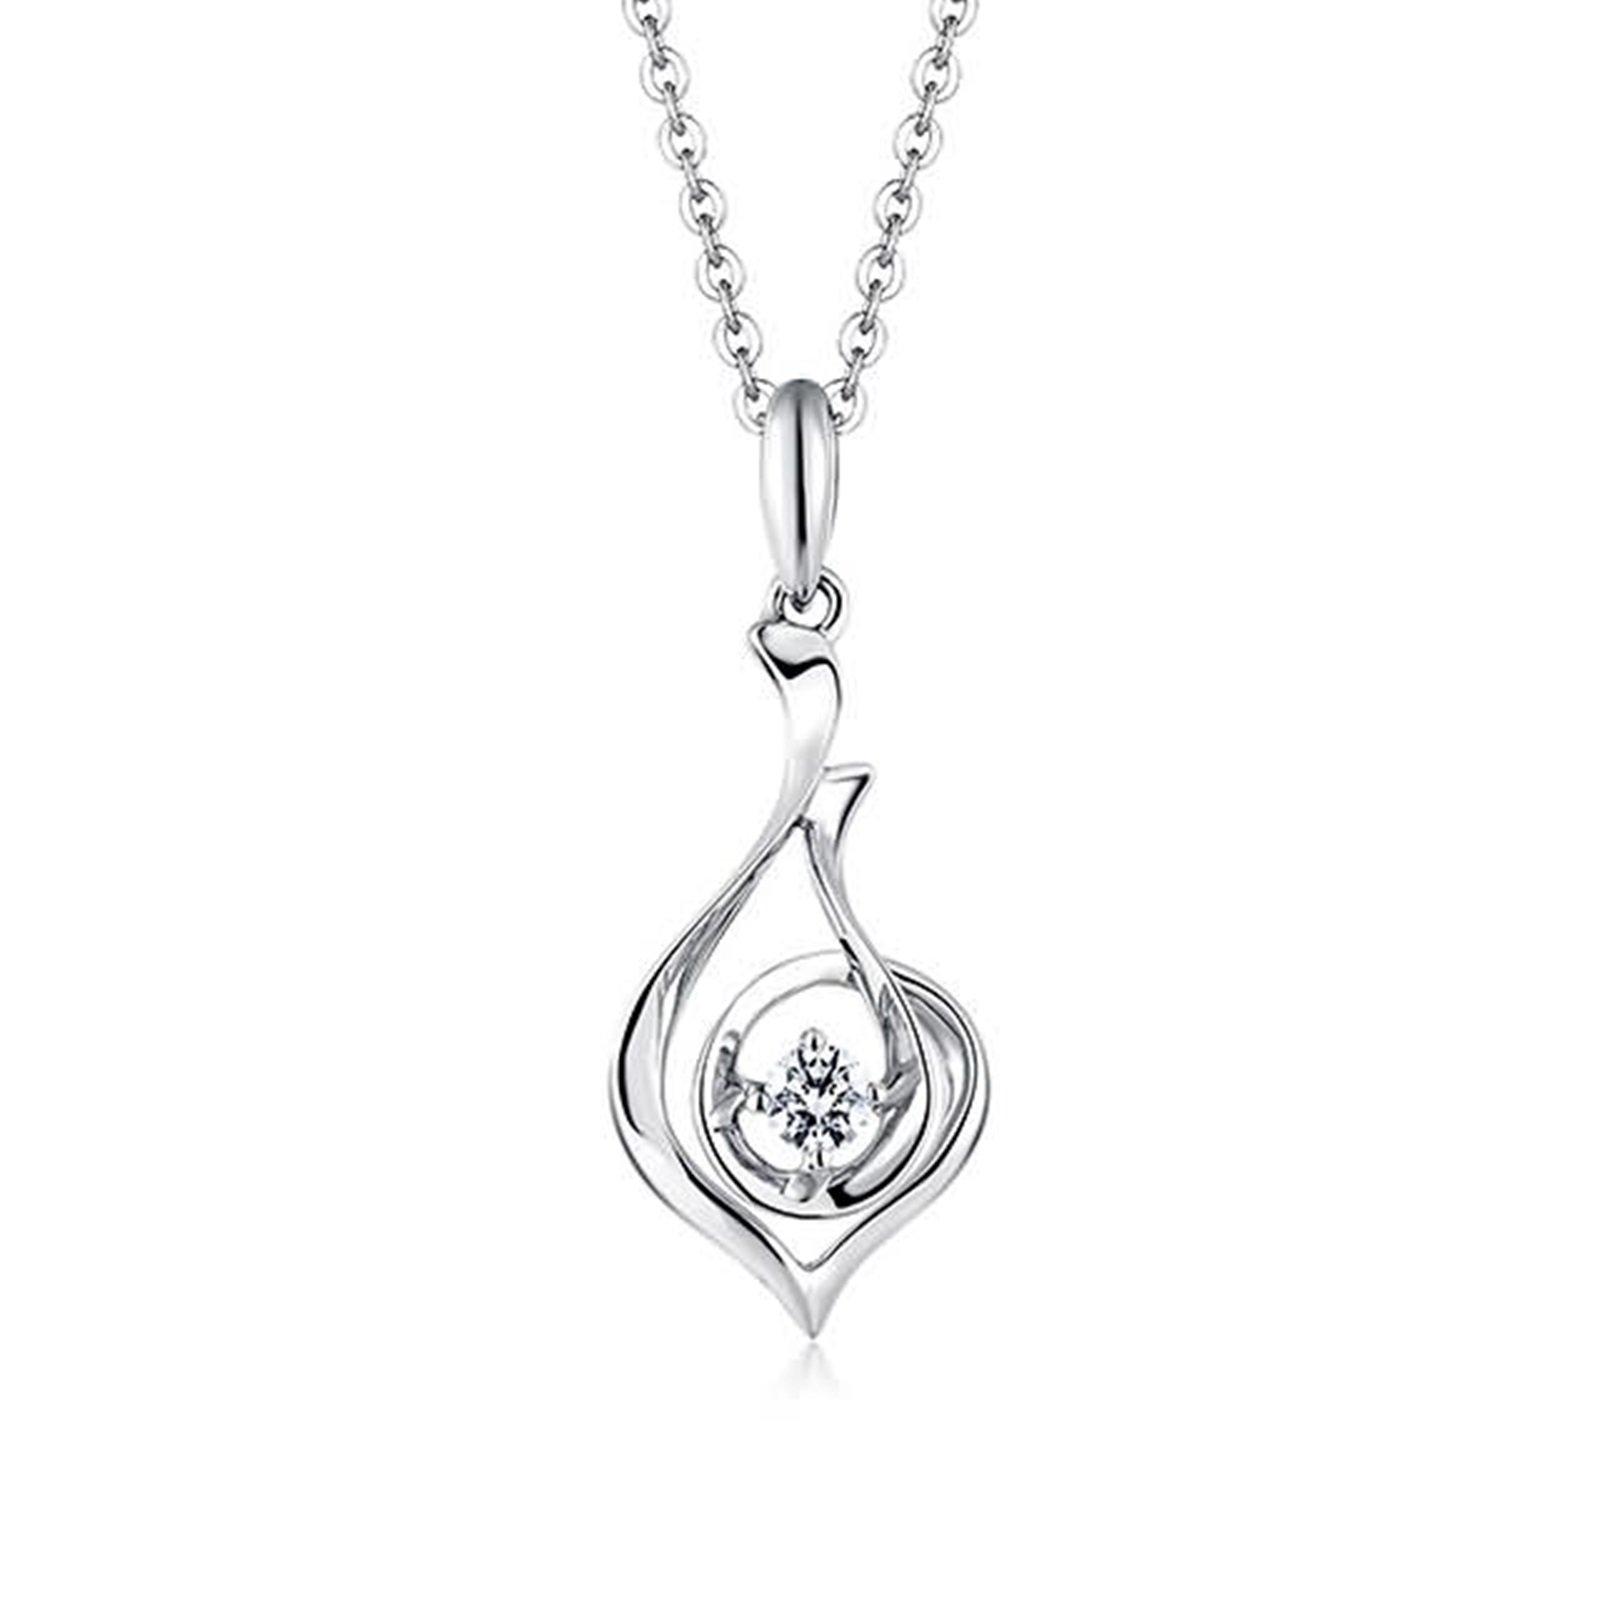 Adisaer 18k(750) White Gold Women Necklace 0.87g 4-prong Setting Round Diamond Wedding Necklace